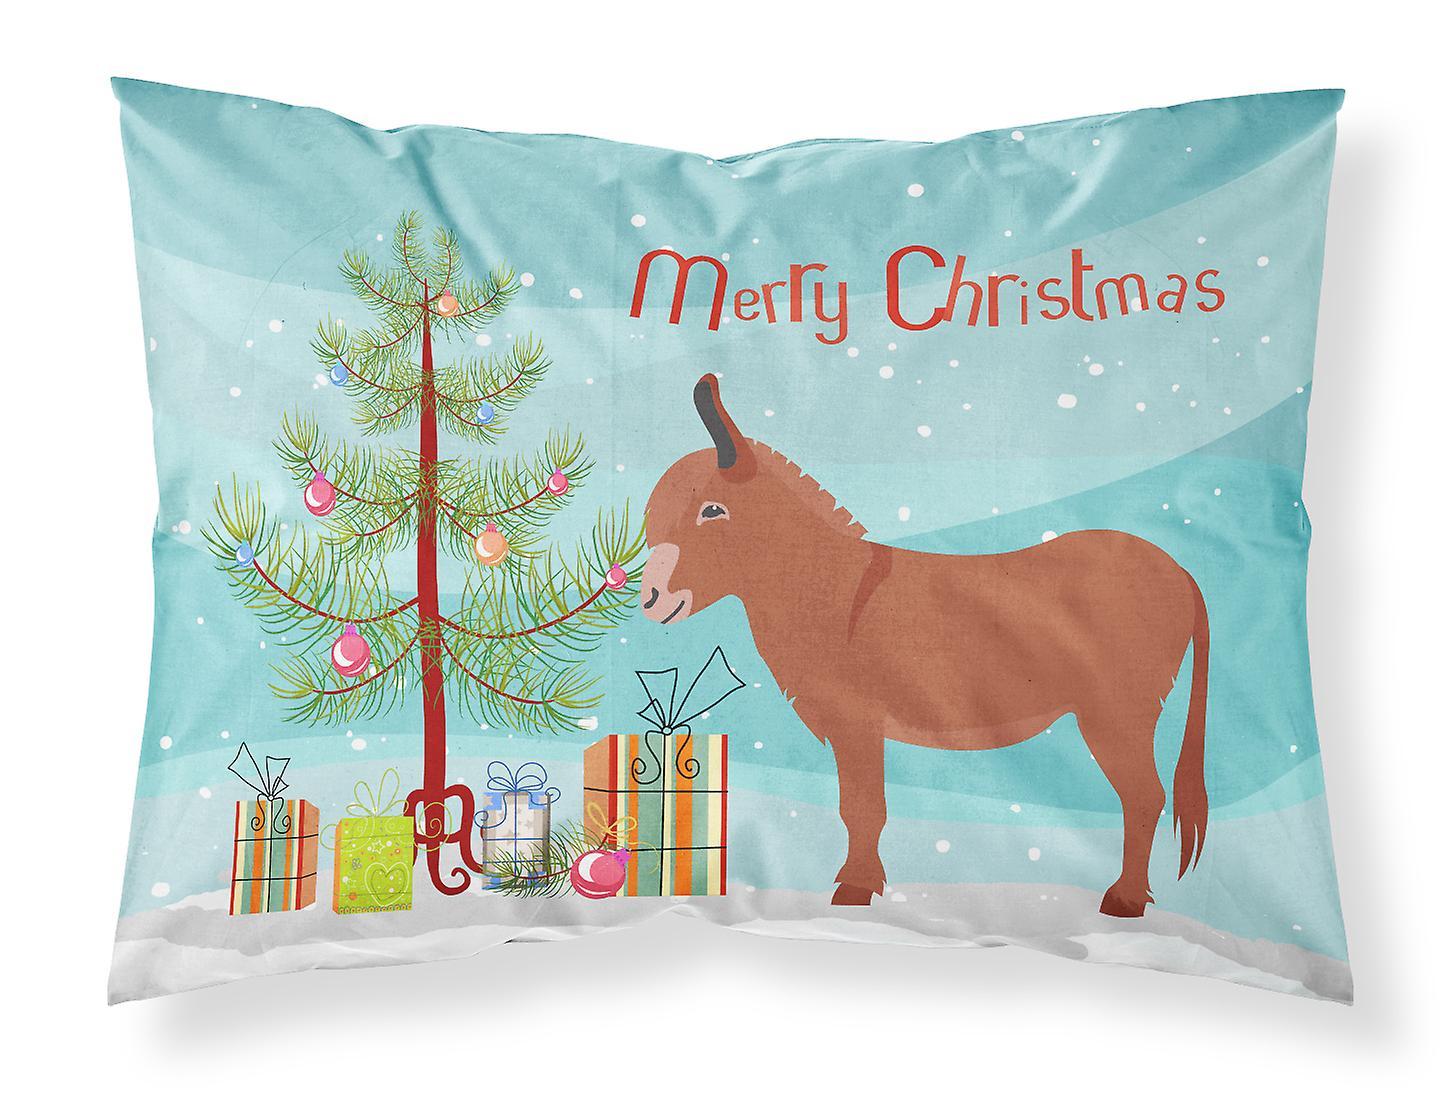 D'oreiller Irlandais De Noël Tissu Standard Taie Donkey 8nvN0Omyw